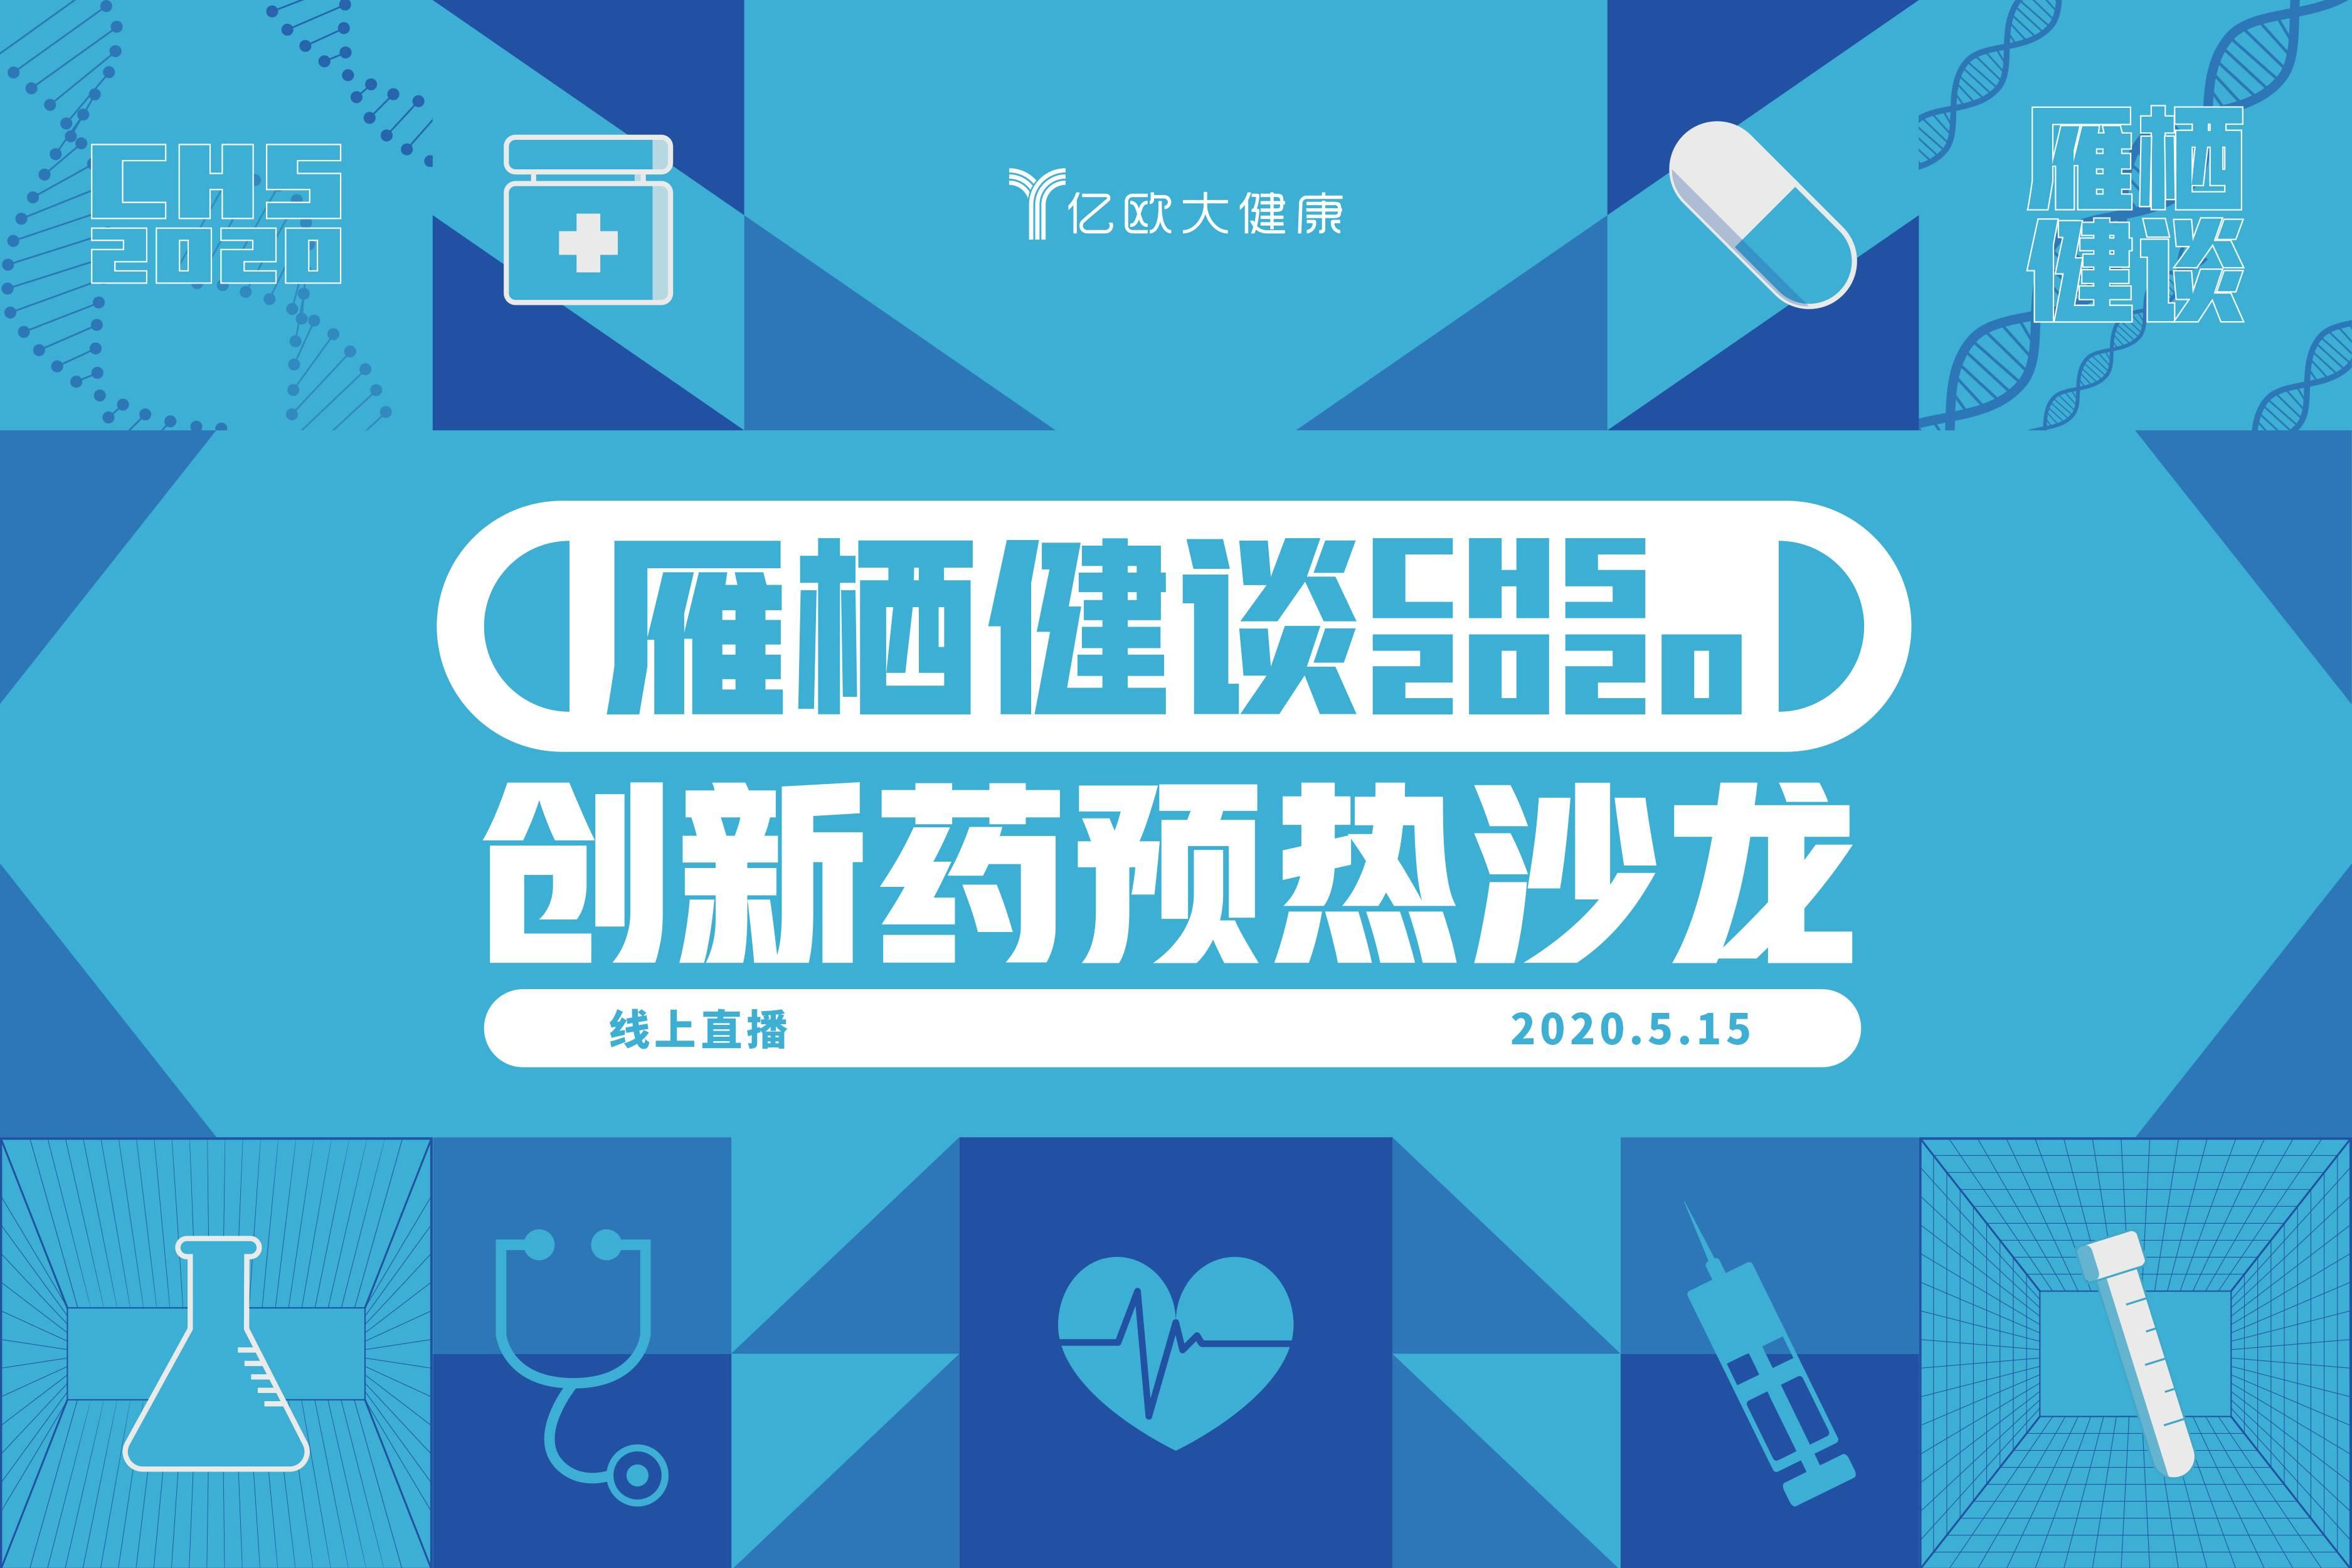 雁栖健谈 · 创新药预热沙龙X线上直播